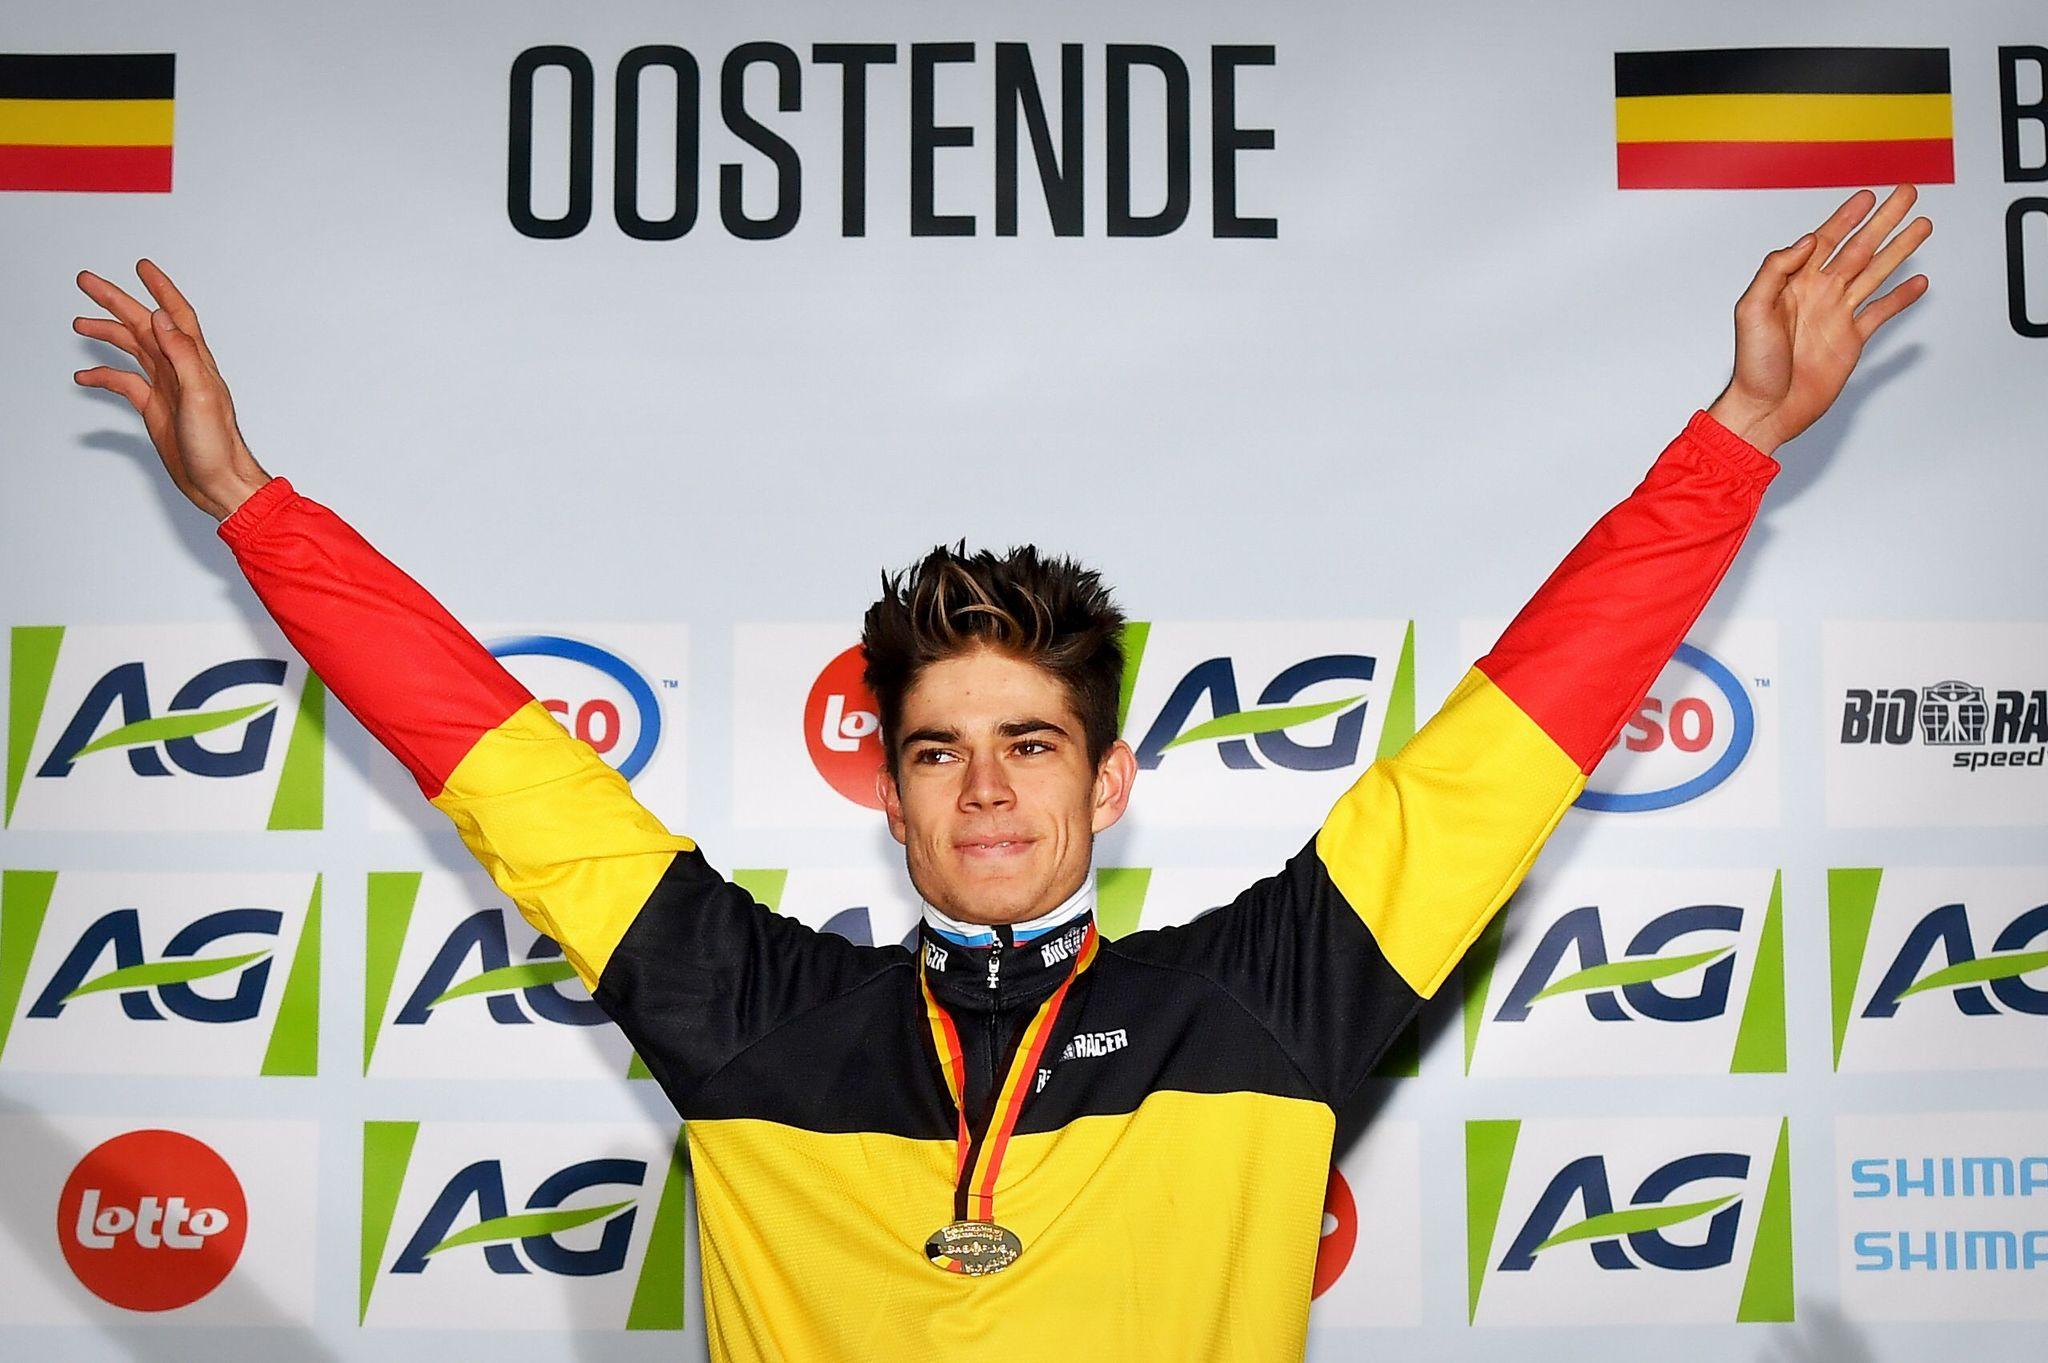 Wout Van Aert, campeón de Bélgica de ciclocross.